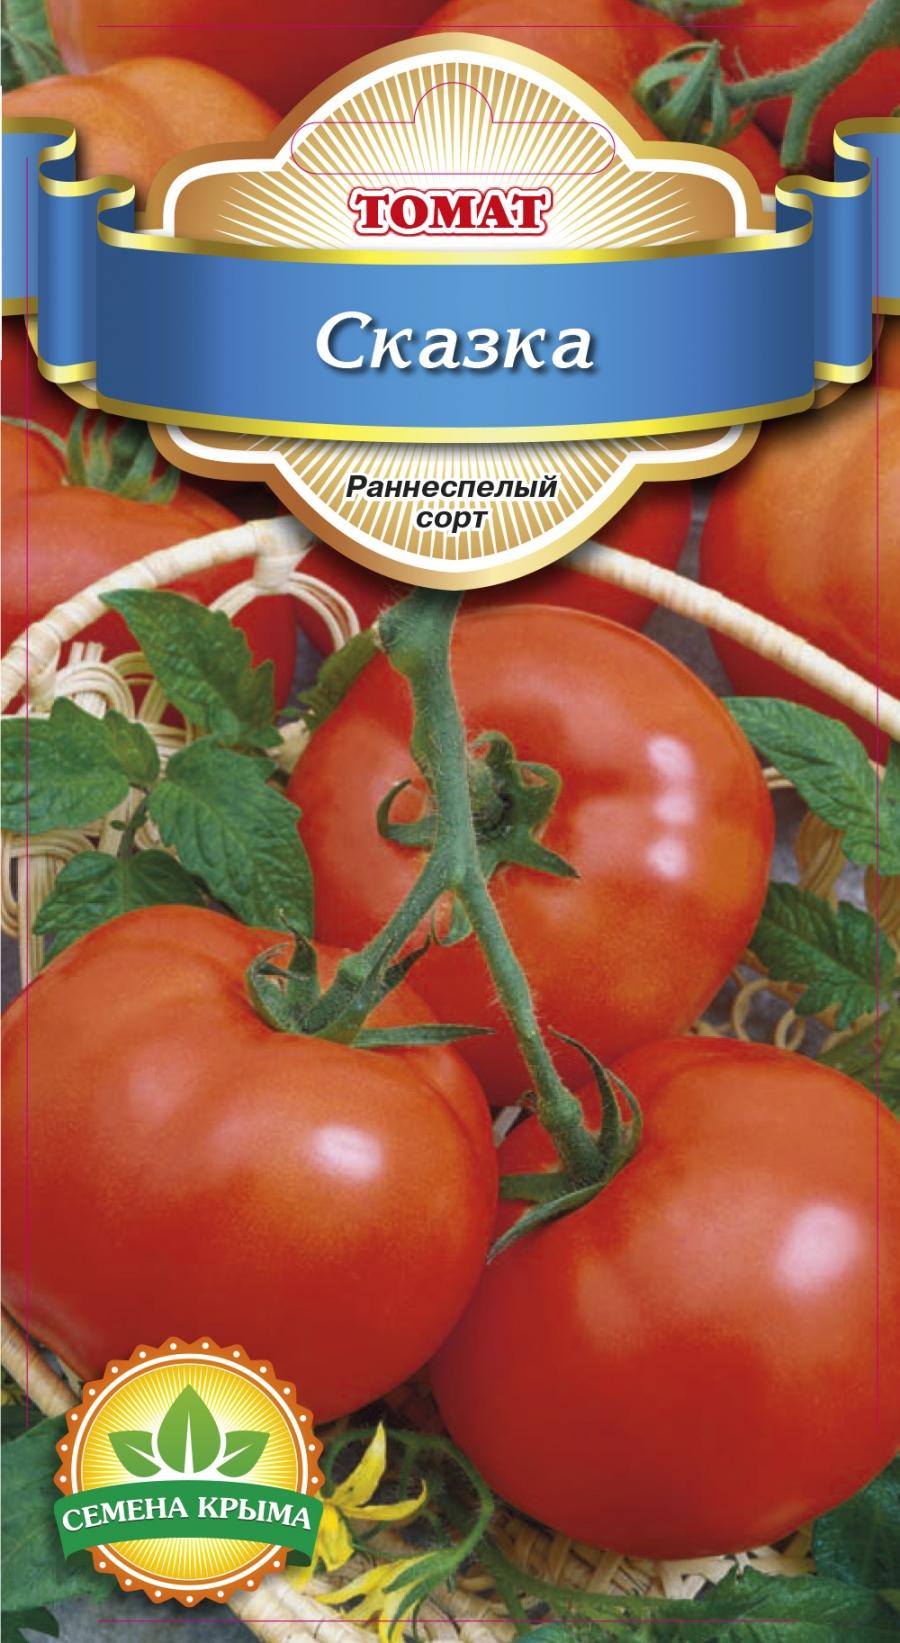 Томат персидская сказка: описание и характеристика сорта, урожайность с фото